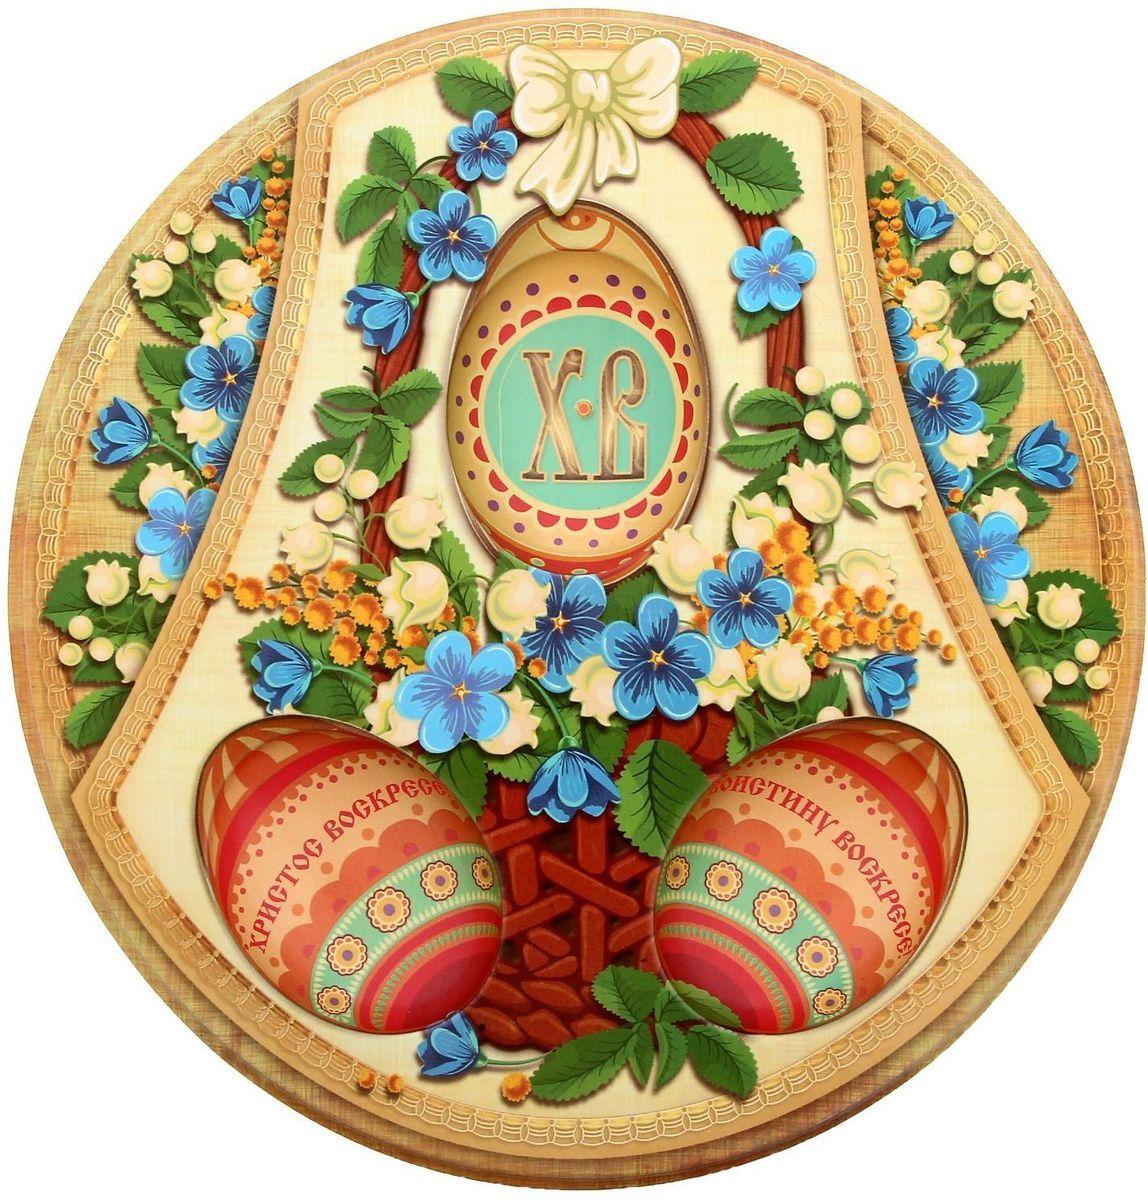 Подставка пасхальная ХВ, под 3 яйца, 19 х 20 см. 12531011253101Пасхальная подставка для 3 яйц и кулича изготовлена из качественного пластика, в центре имеется яркая вставка. Аксессуар станет достойным украшением праздничного стола, создаст радостное настроение и наполнит пространство вашего дома благостной энергией на весь год вперёд. Подставка будет ценным памятным подарком для родных, друзей и коллег. Радости, добра и света вам и вашим близким!